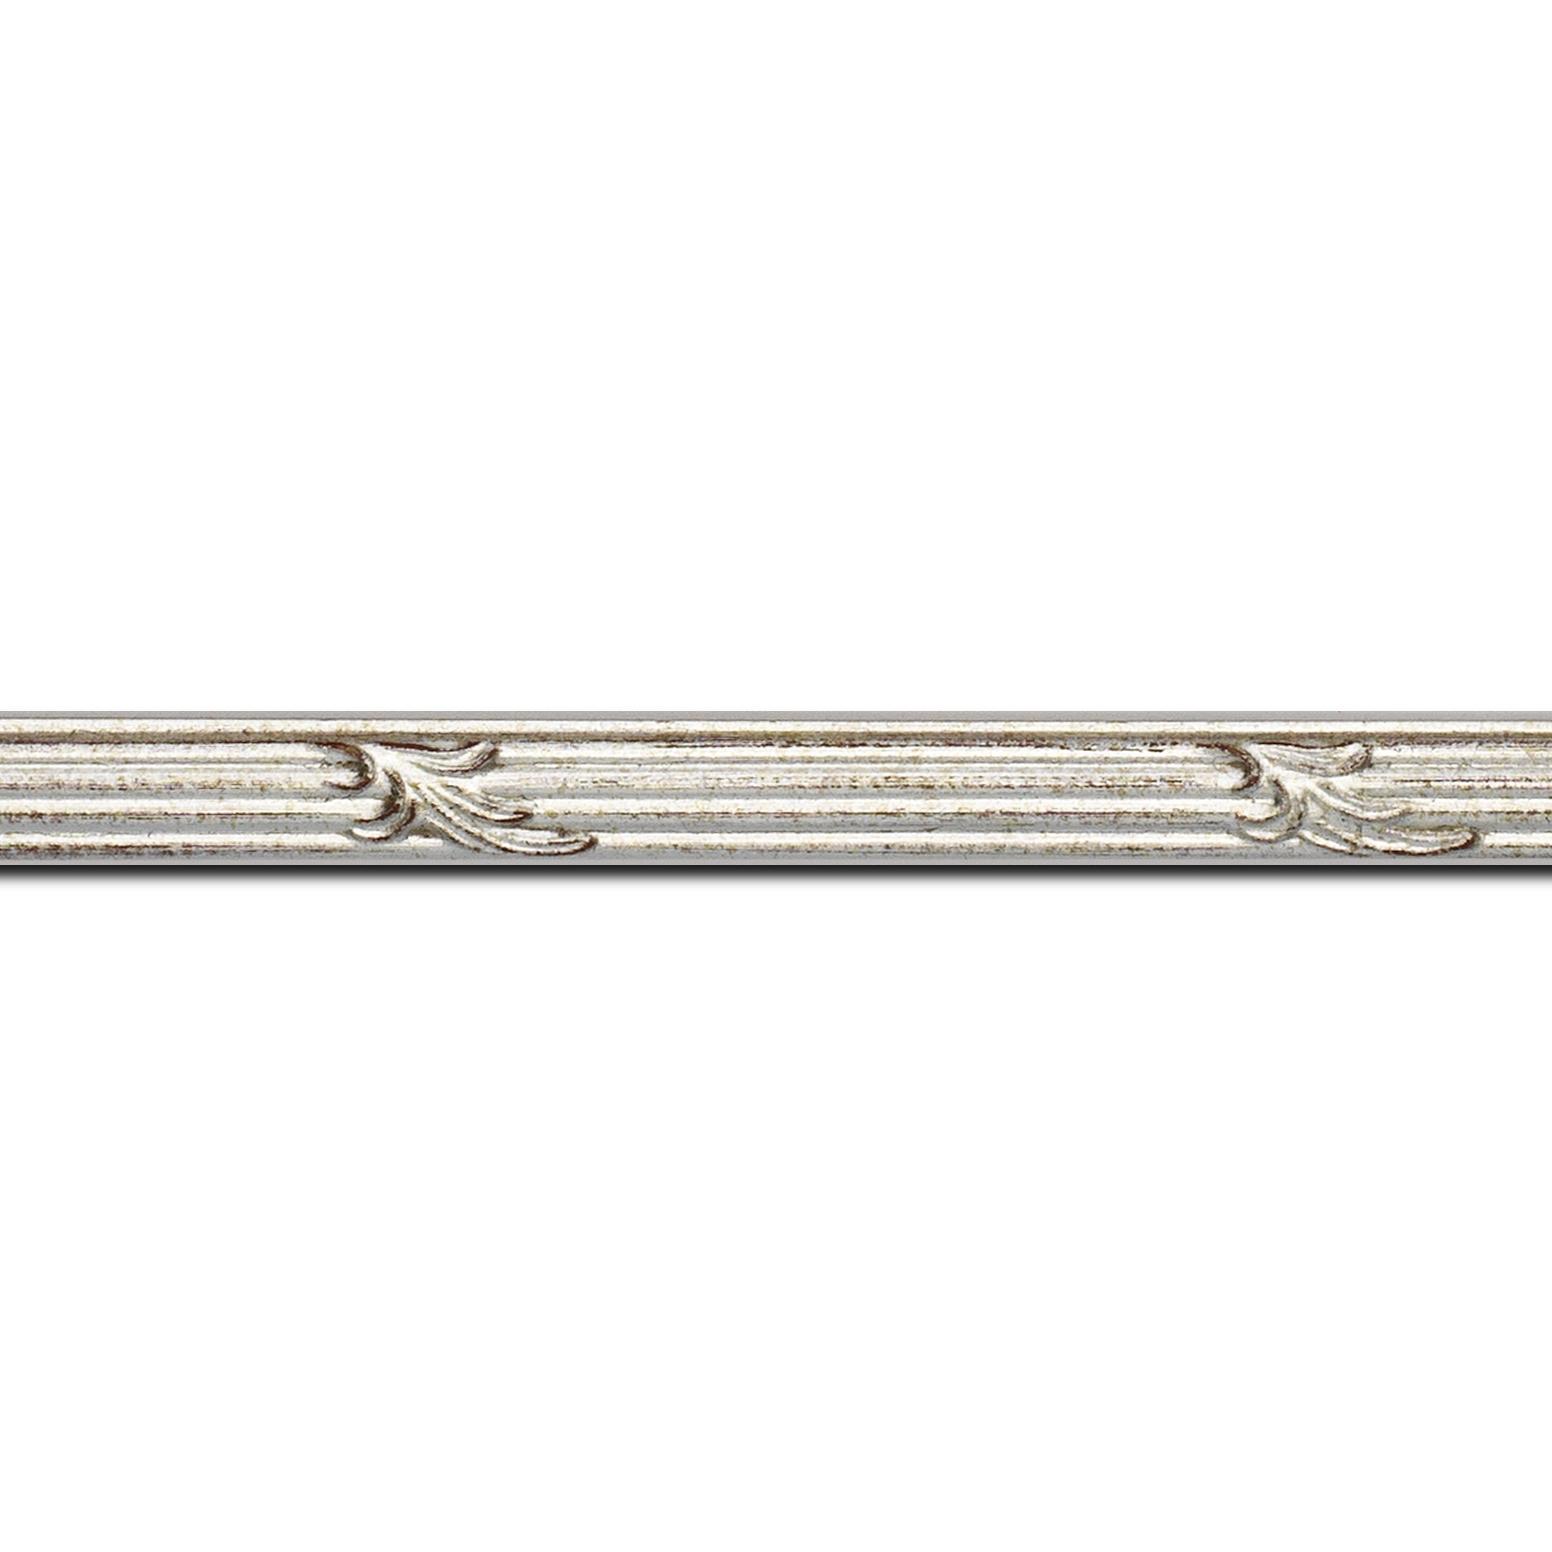 Baguette longueur 1.40m bois profil jonc largeur 1.5cm argent style décor feuille